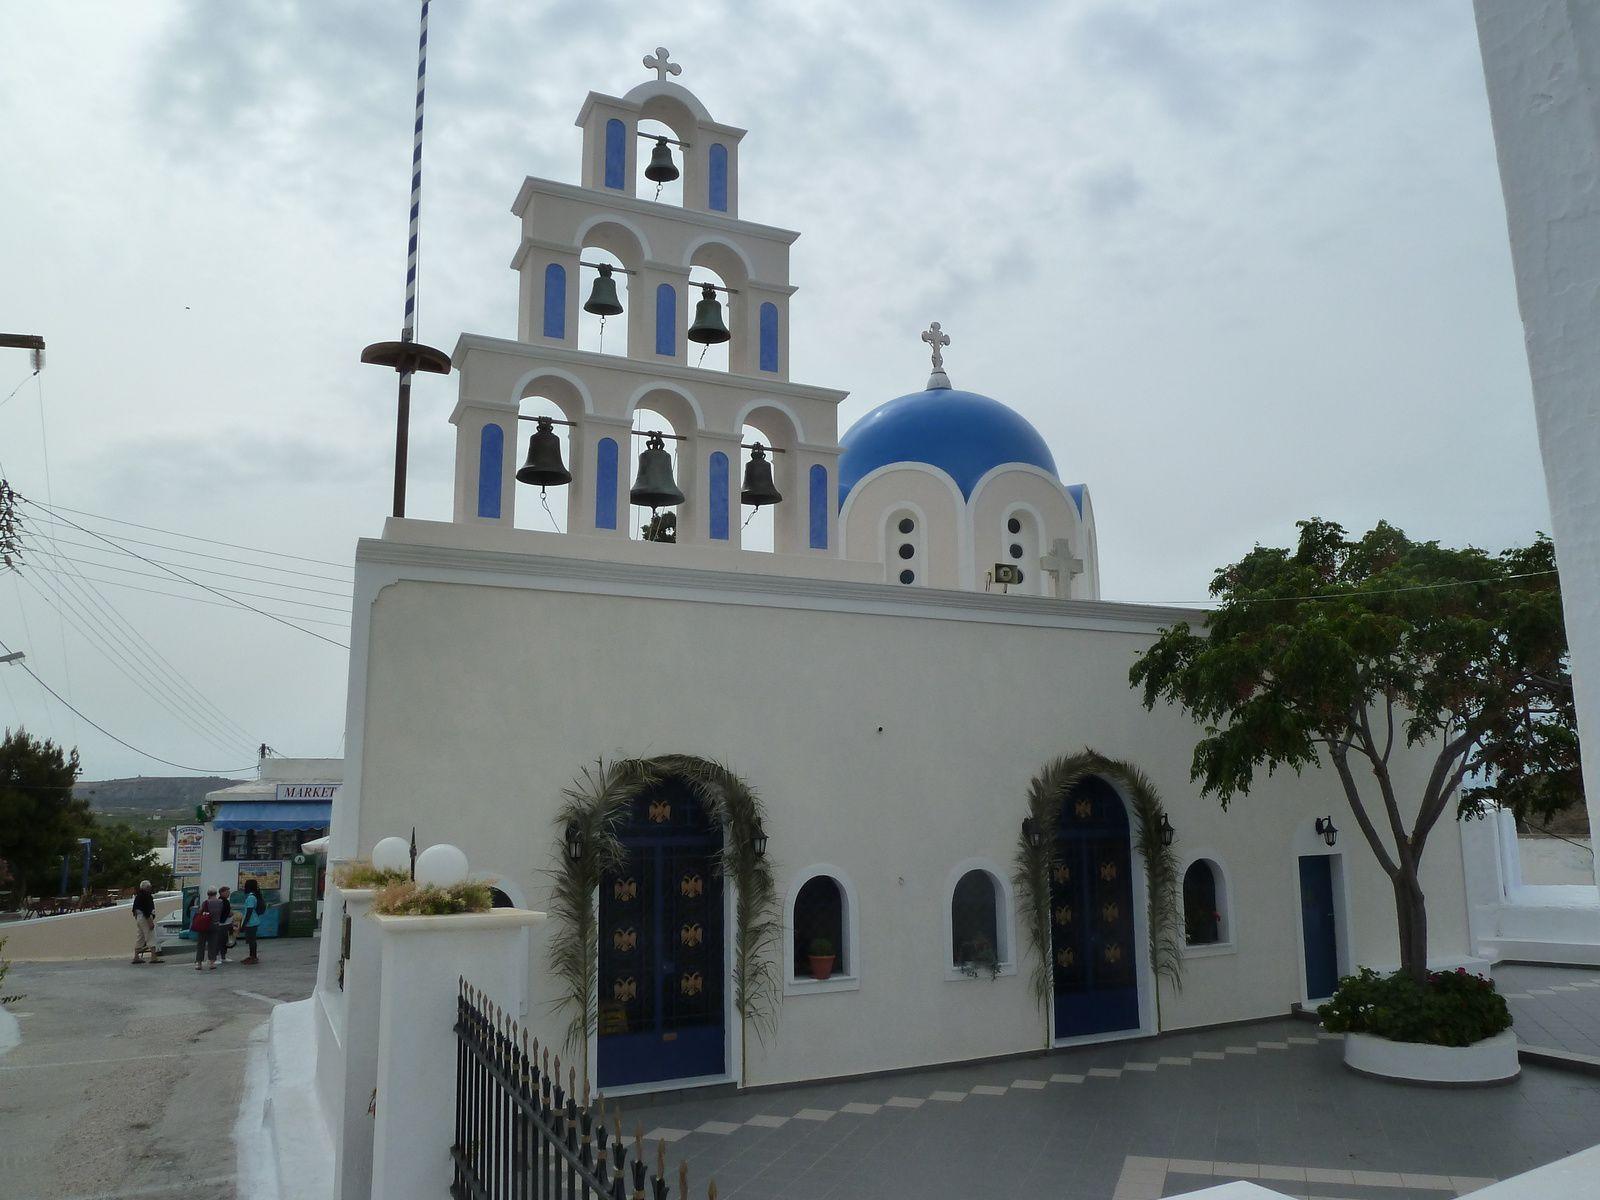 La ville actuelle est dominé par une jolie église avec abside et dômes à petit campanile..